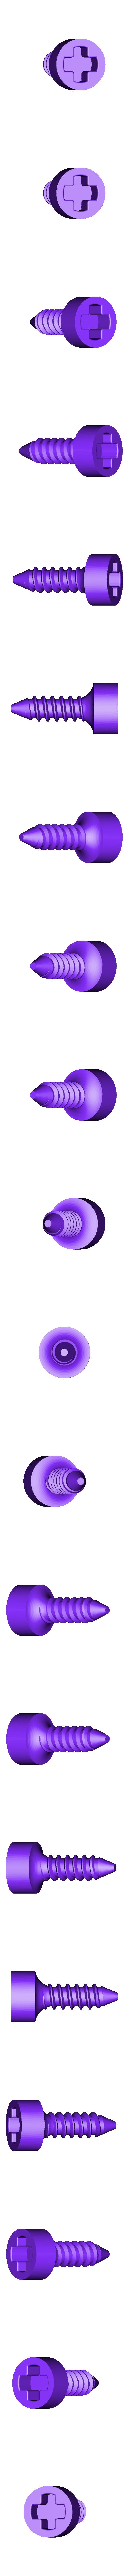 S5.stl Télécharger fichier STL Perceuse à main Impression 3D • Design pour impression 3D, MPPSWKA7